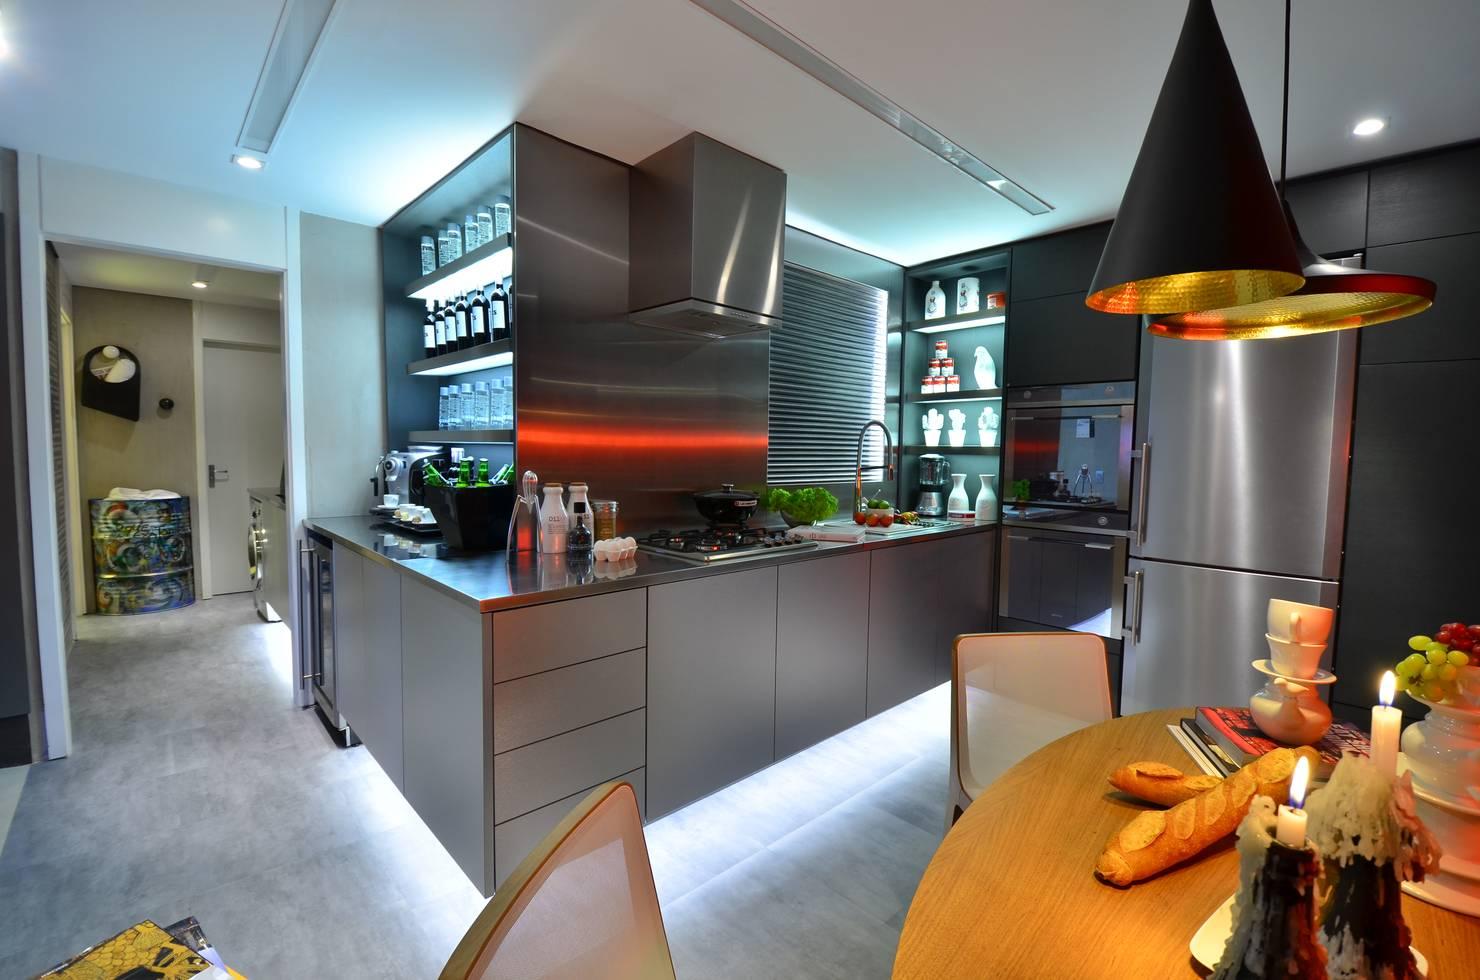 13 ไอเดียสนุกออกแบบห้องครัวตามจินตนาการ